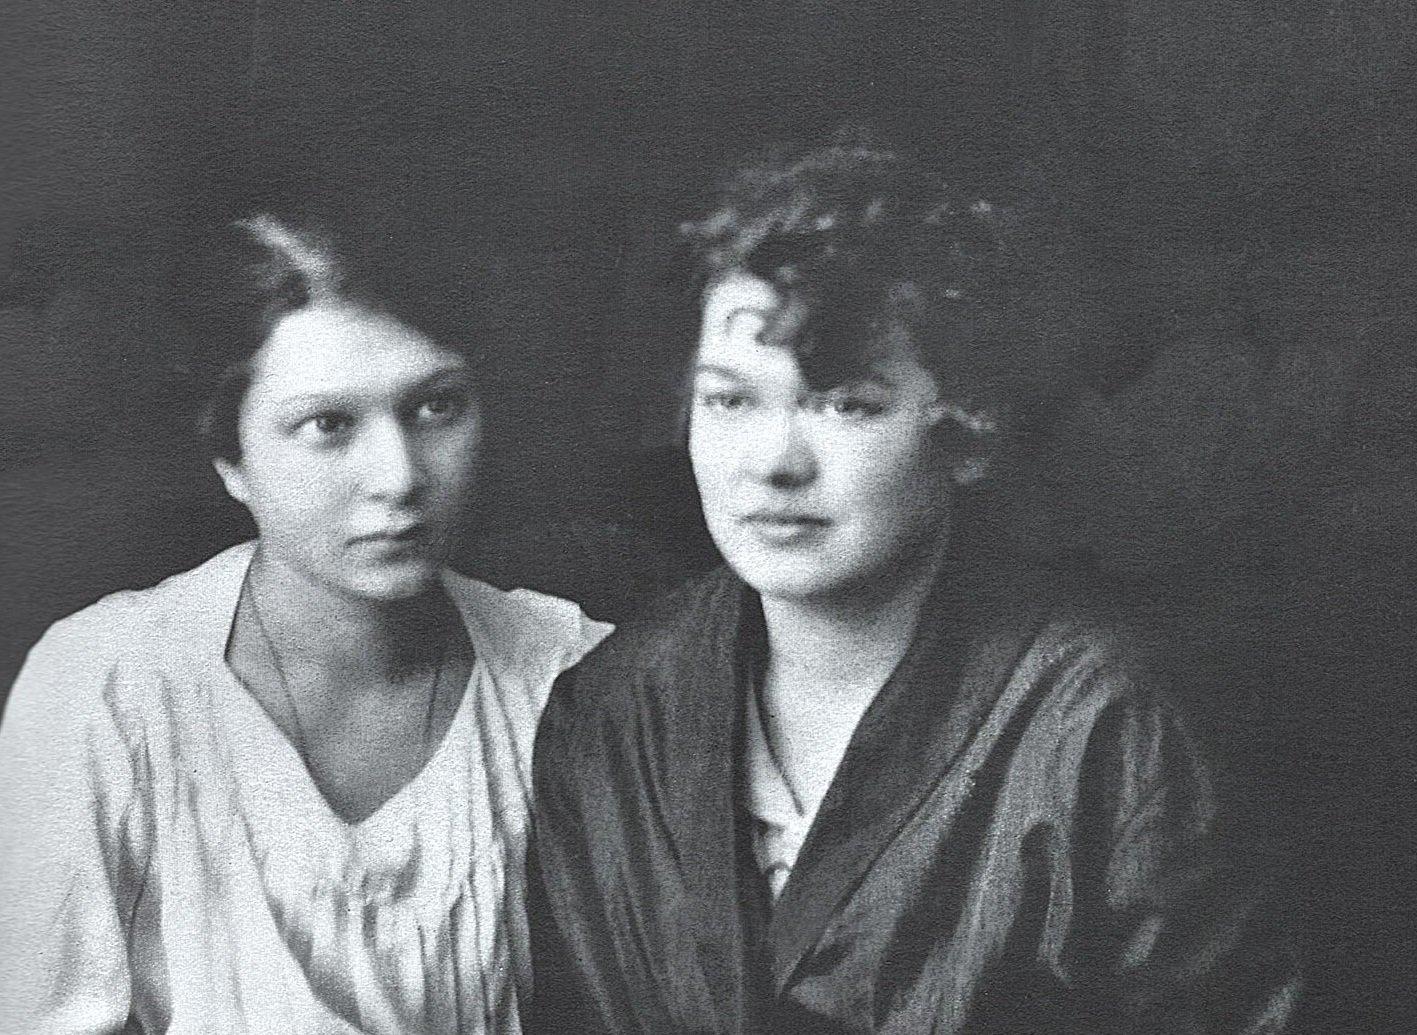 М.И Рудомино и ее подруга Т. Кедрова (слева). Фрагмент фотографии. 1920 год. Главархив Москвы